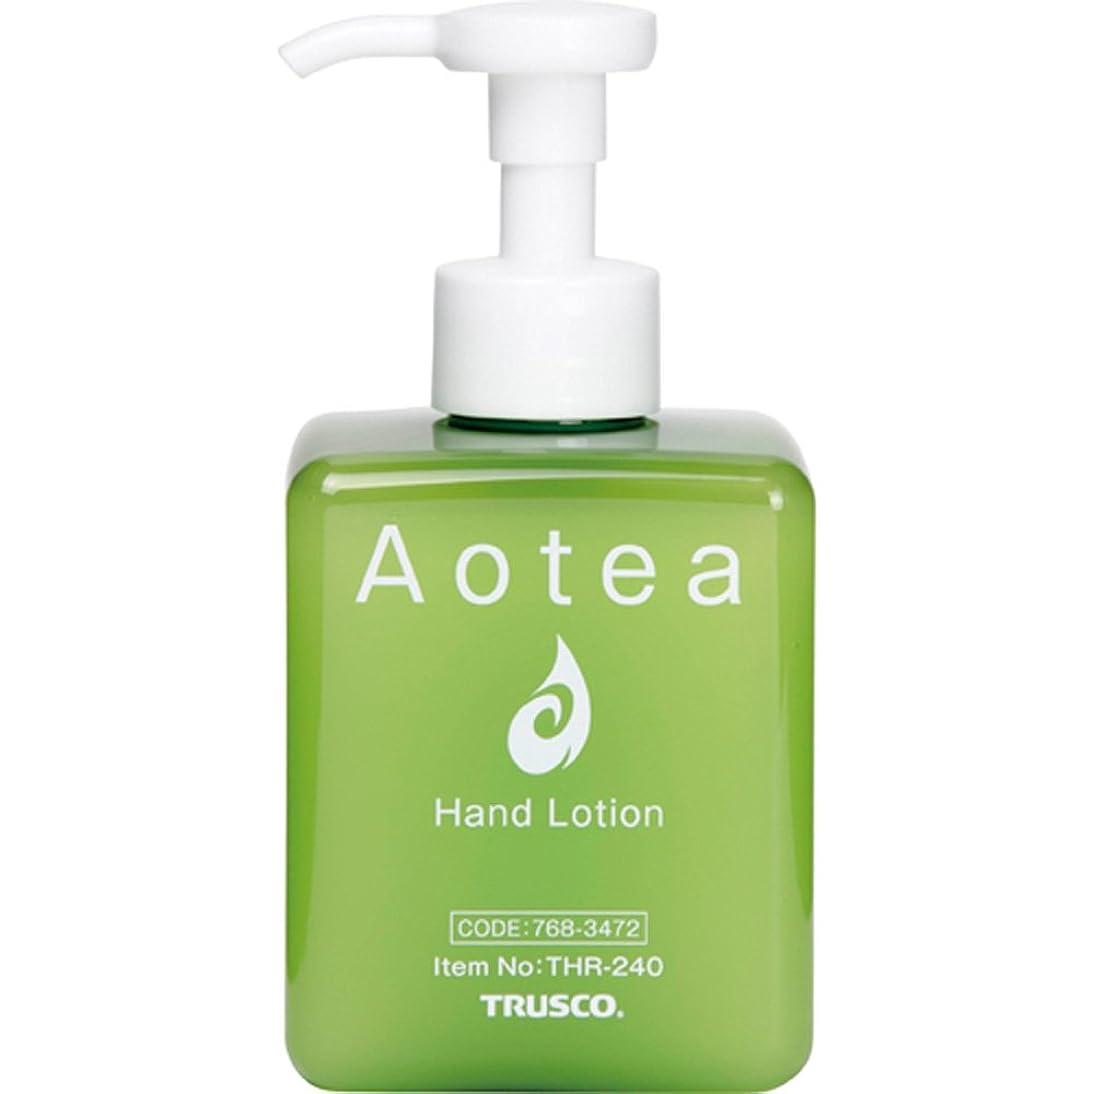 プロポーショナルキャベツ孤独TRUSCO(トラスコ) ハンドローション アオテア(Aotea) 236ML THR-240